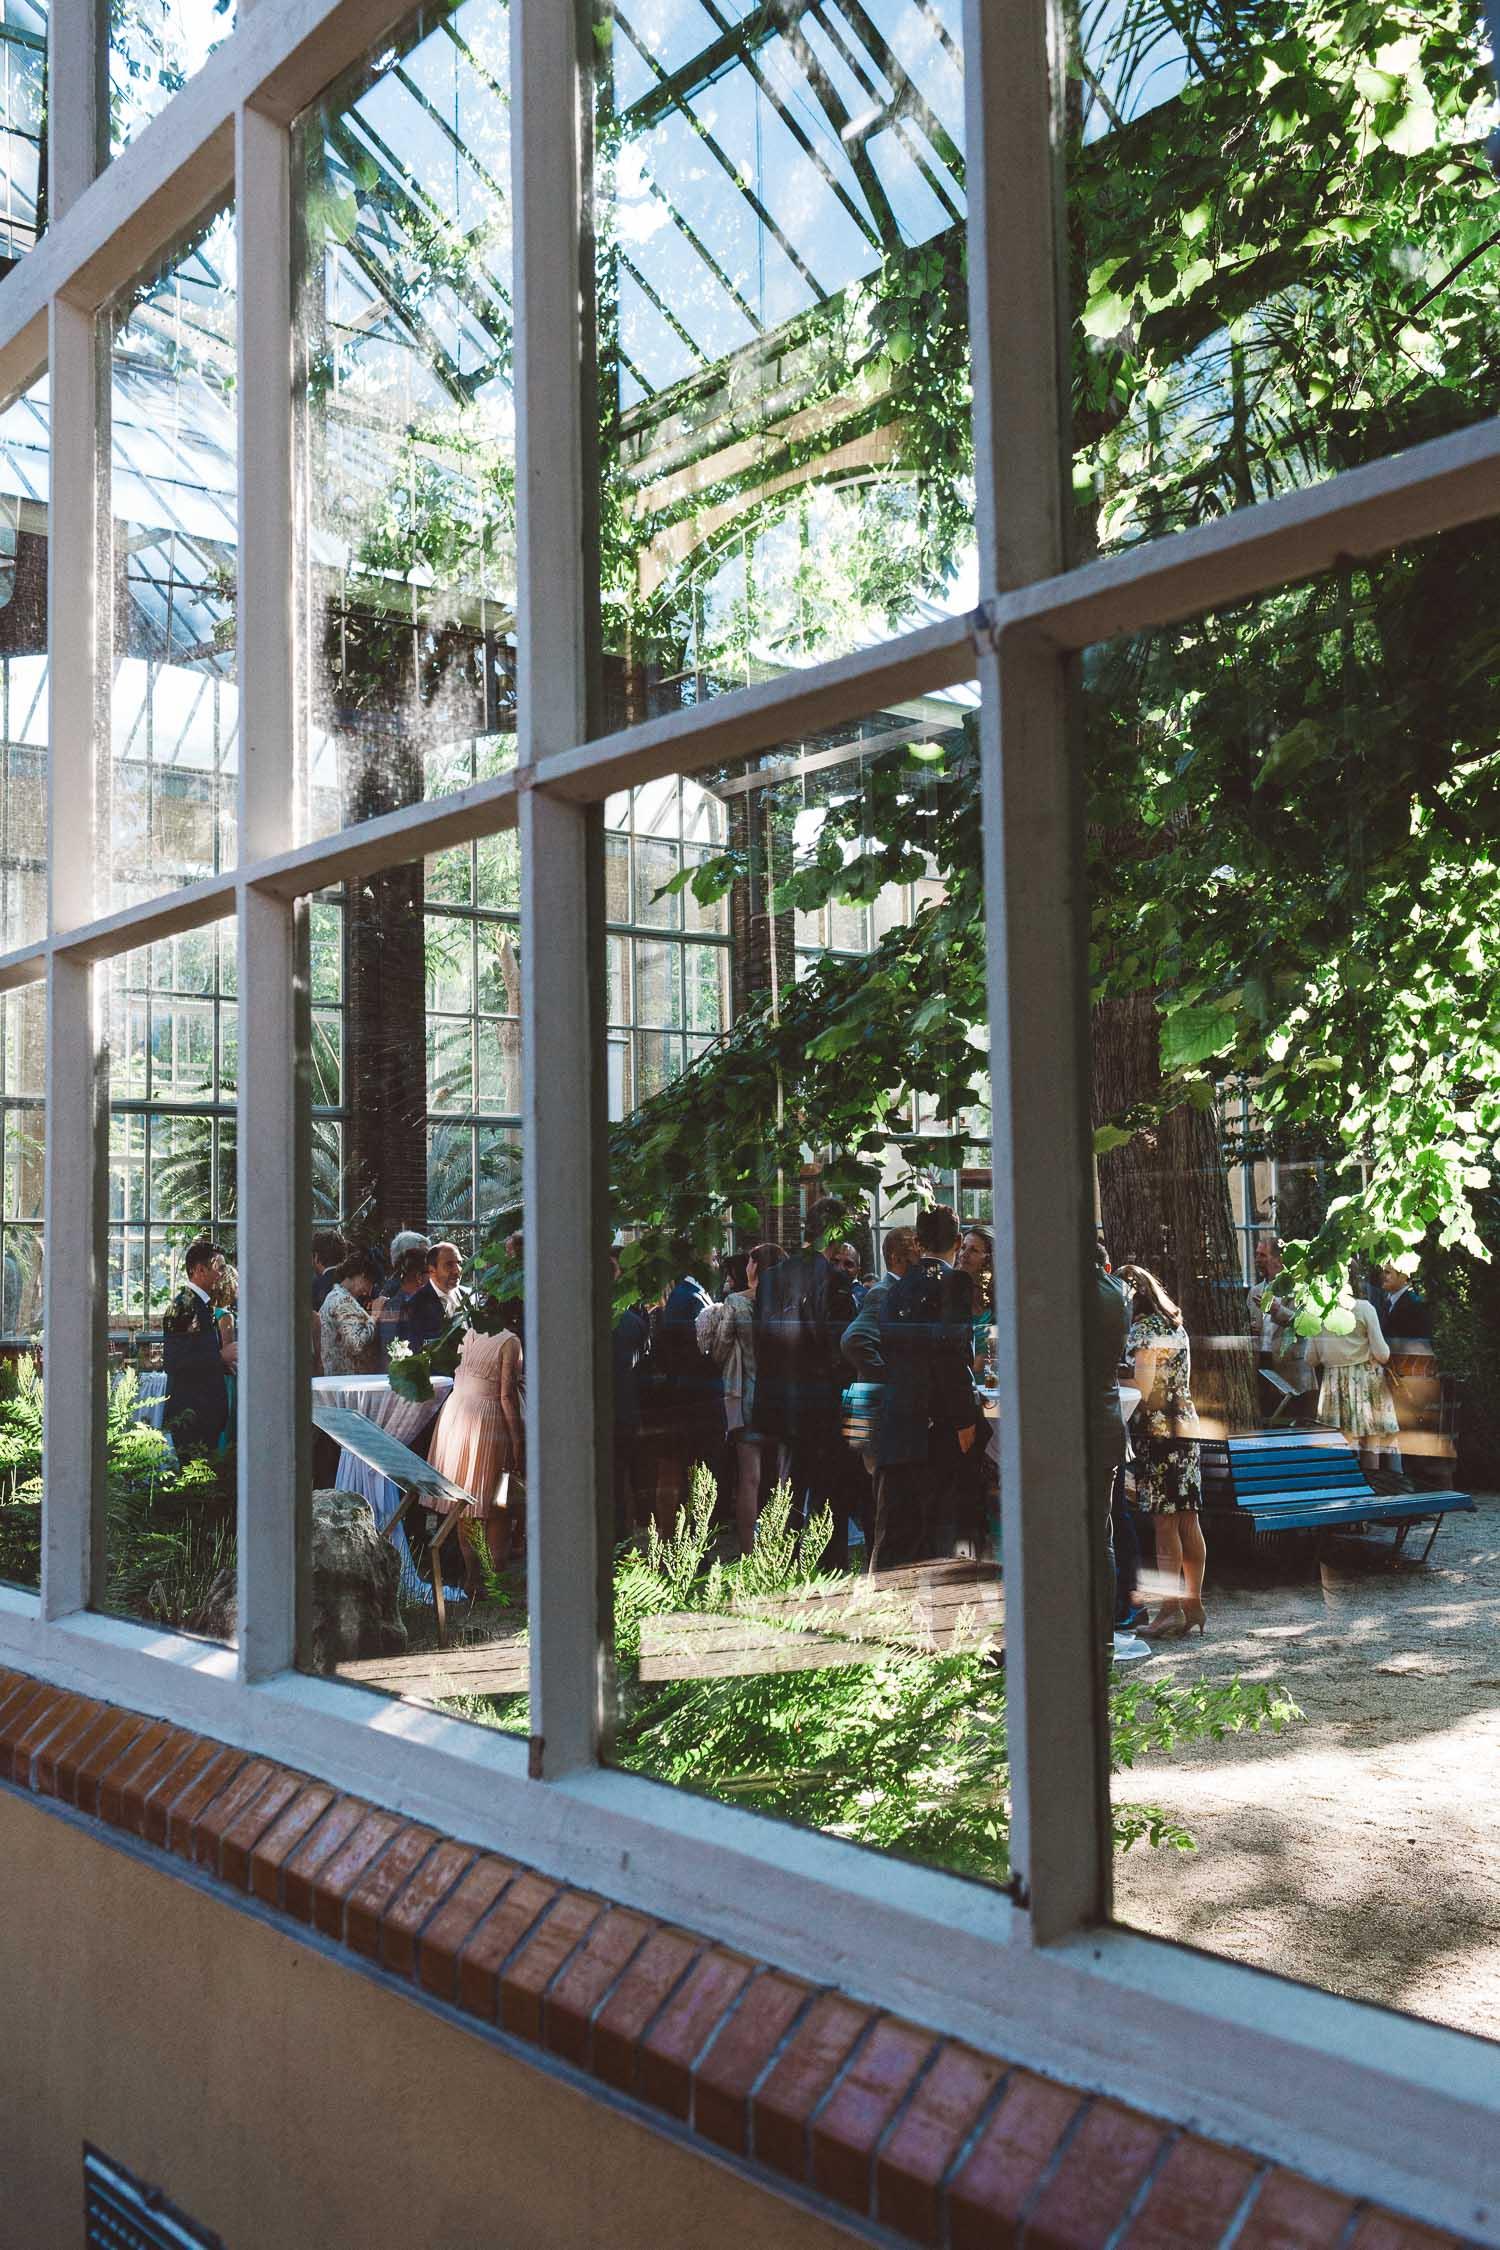 Wedding-photography-trouwfotografie-huwelijksfotograaf-Hortus-Botanicus-Amsterdam-On-a-hazy-morning-20.jpg